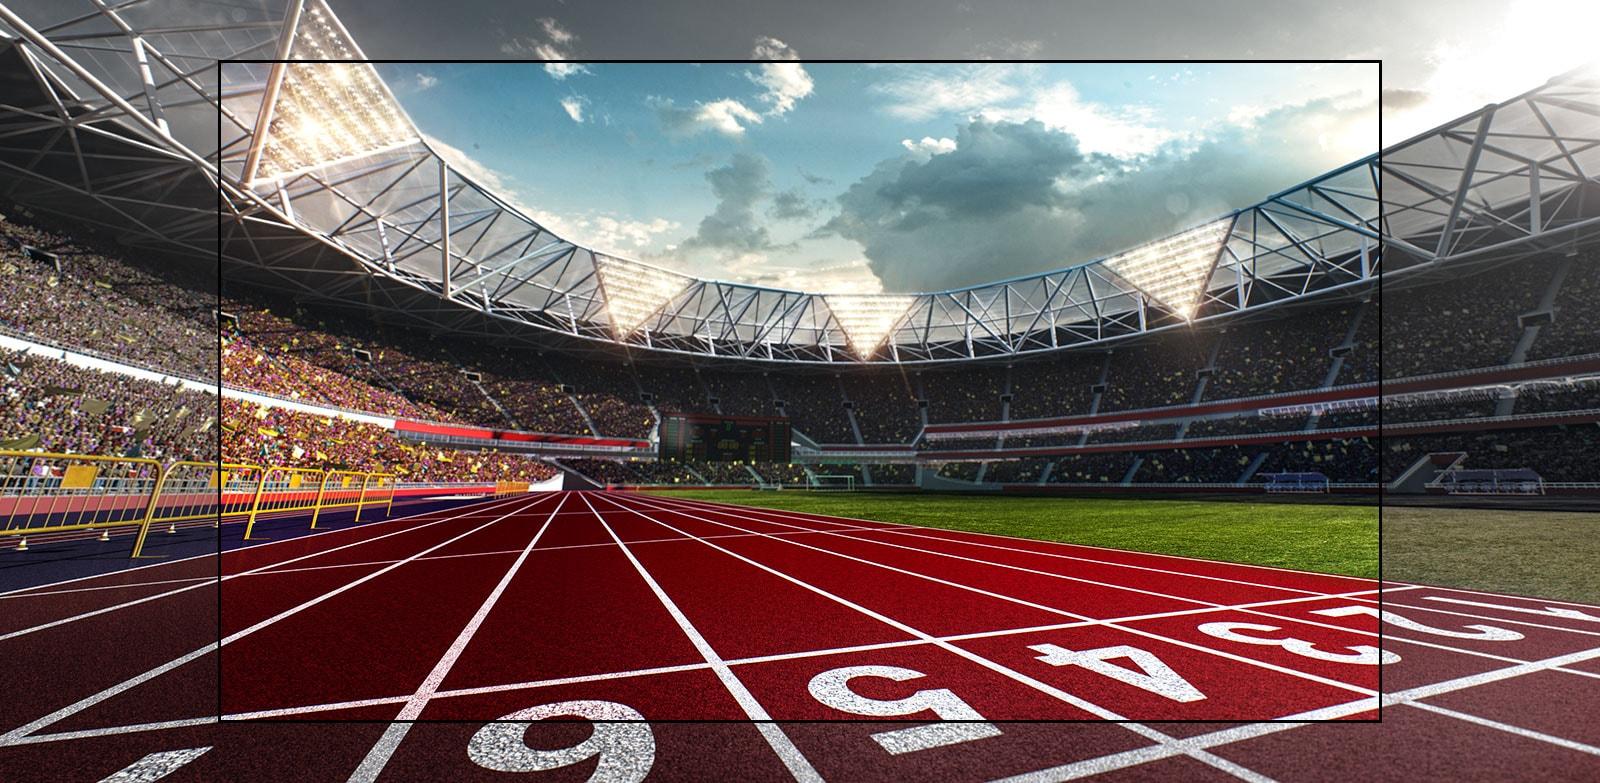 Schermo TV che mostra uno stadio con inquadratura ravvicinata sulla pista. Lo stadio è pieno di spettatori.